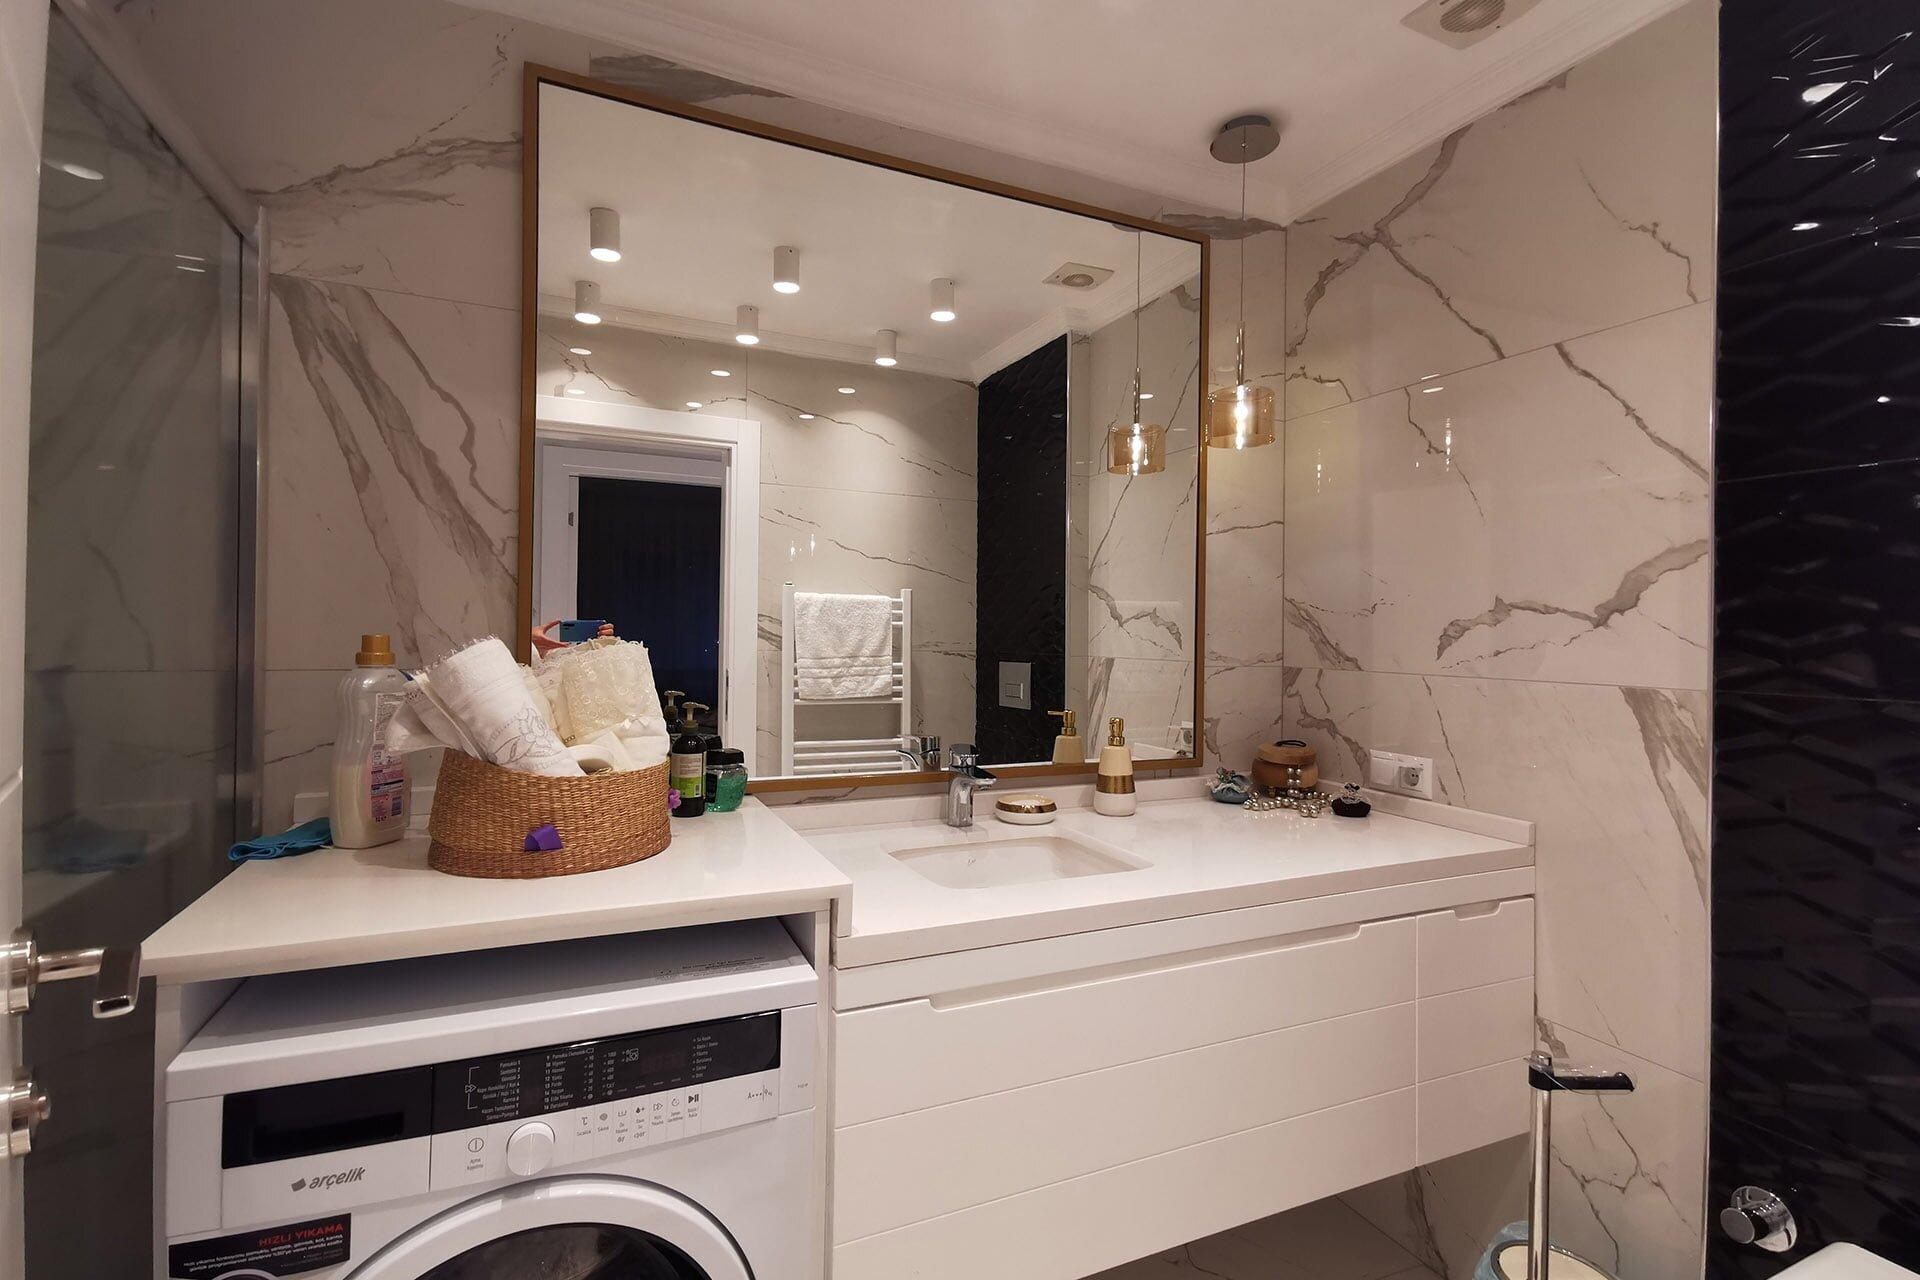 Banyo Dekorasyonu Fikirleri ve Detayları